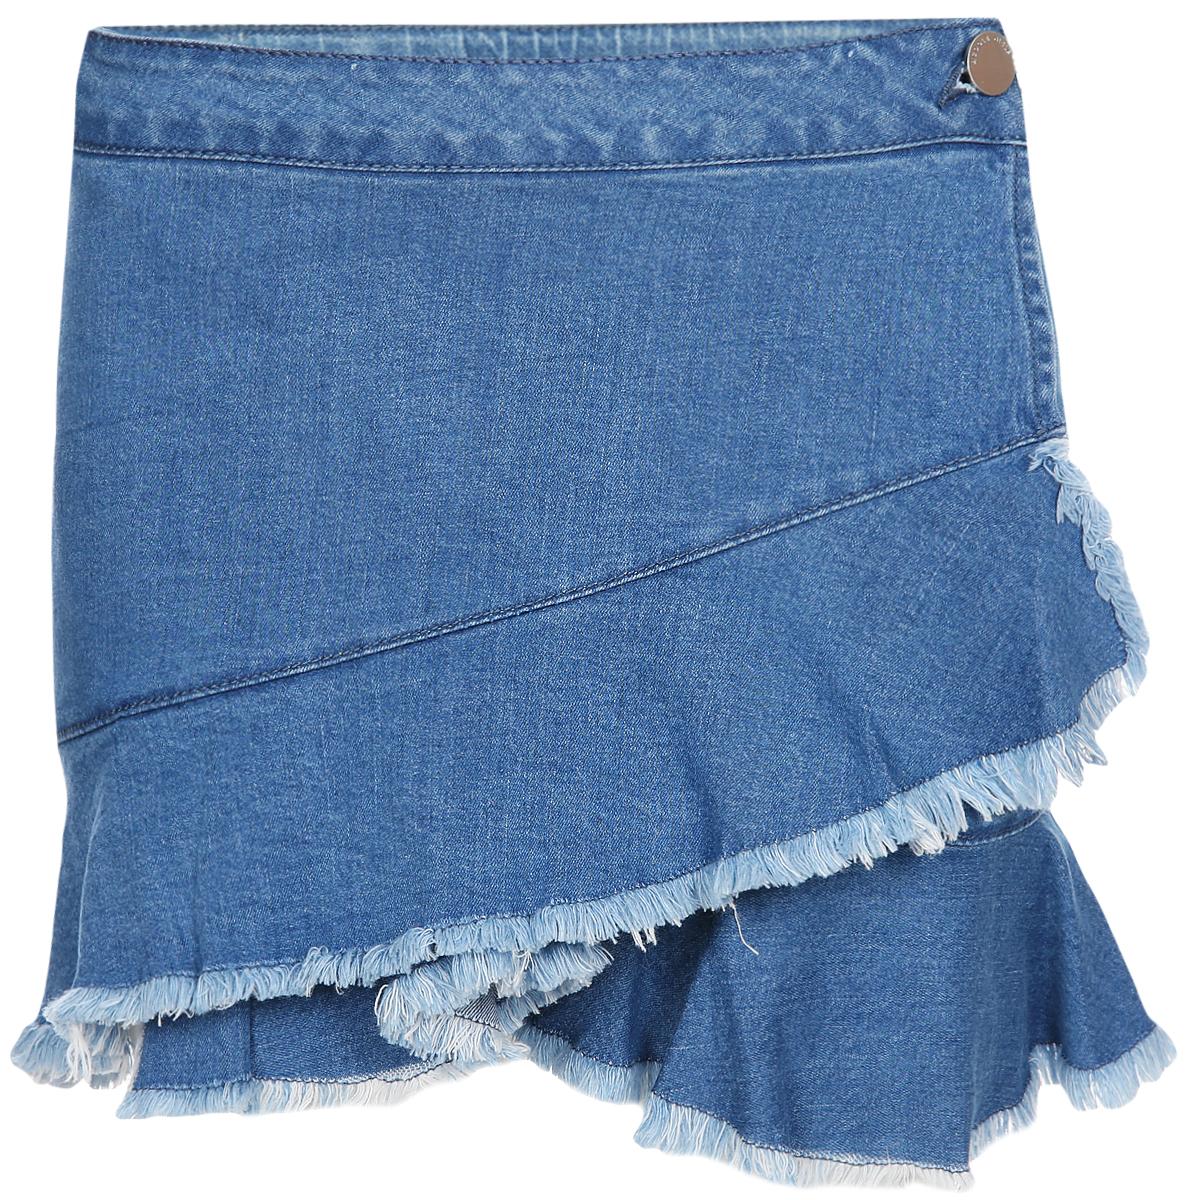 Юбка для девочки Acoola Suna, цвет: синий. 20220180074_500. Размер 128